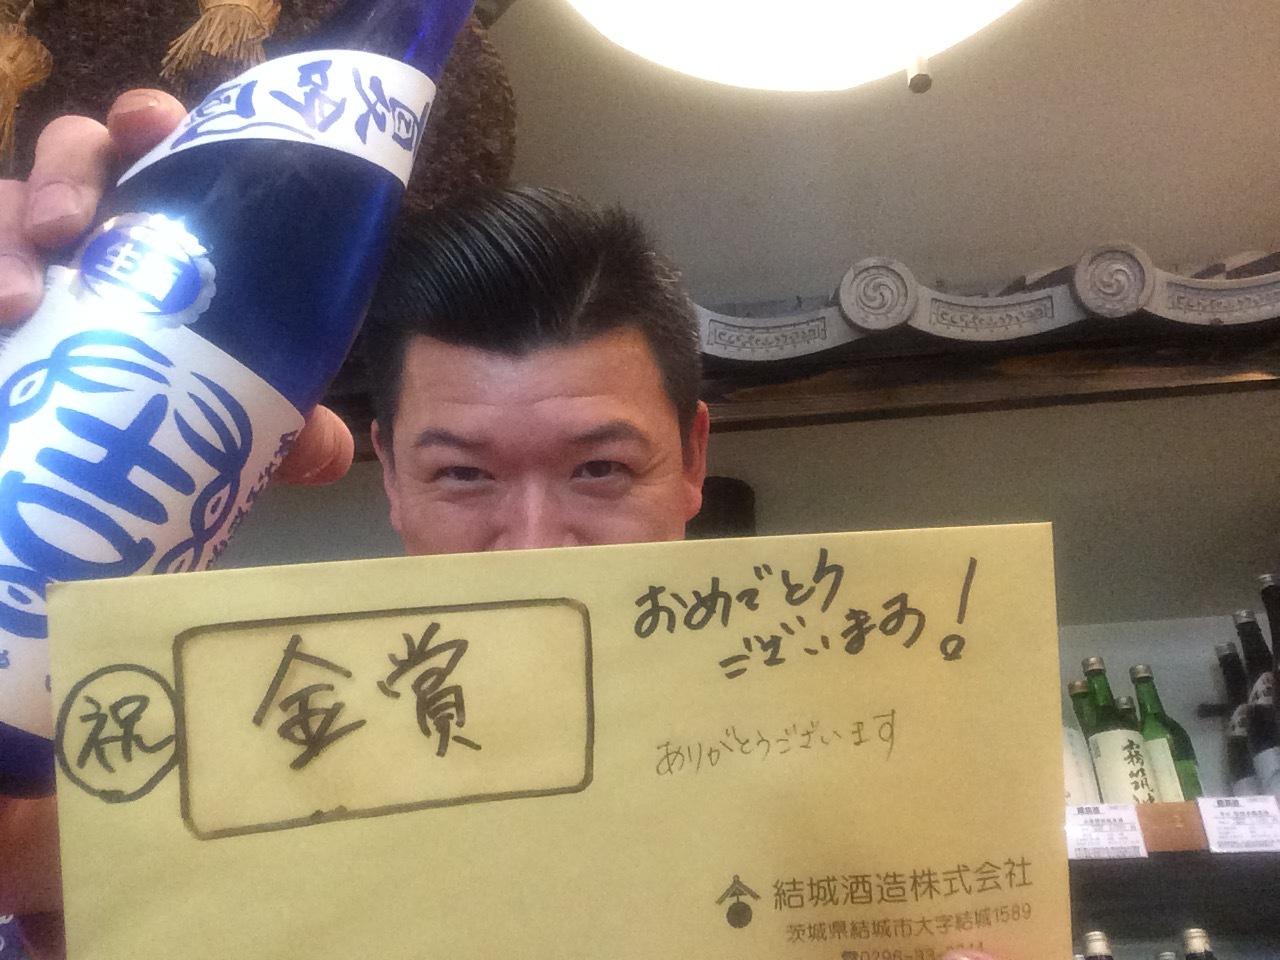 ☆夏酒続々なう。茨城県・結ゆい「夏吟風」純米吟醸生酒☆_c0175182_14592523.jpg